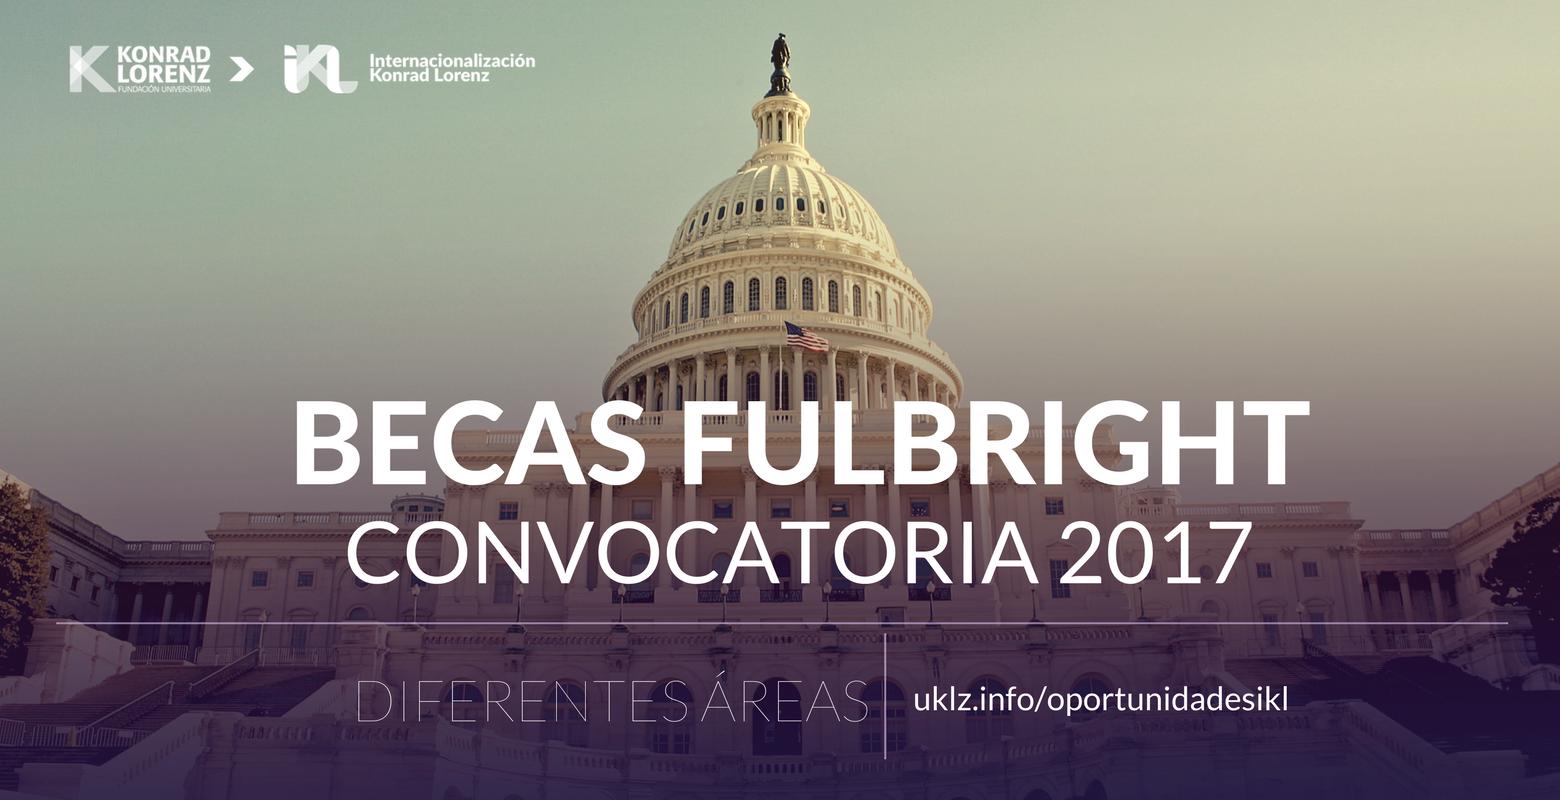 Convocatoria Fulbright 2017